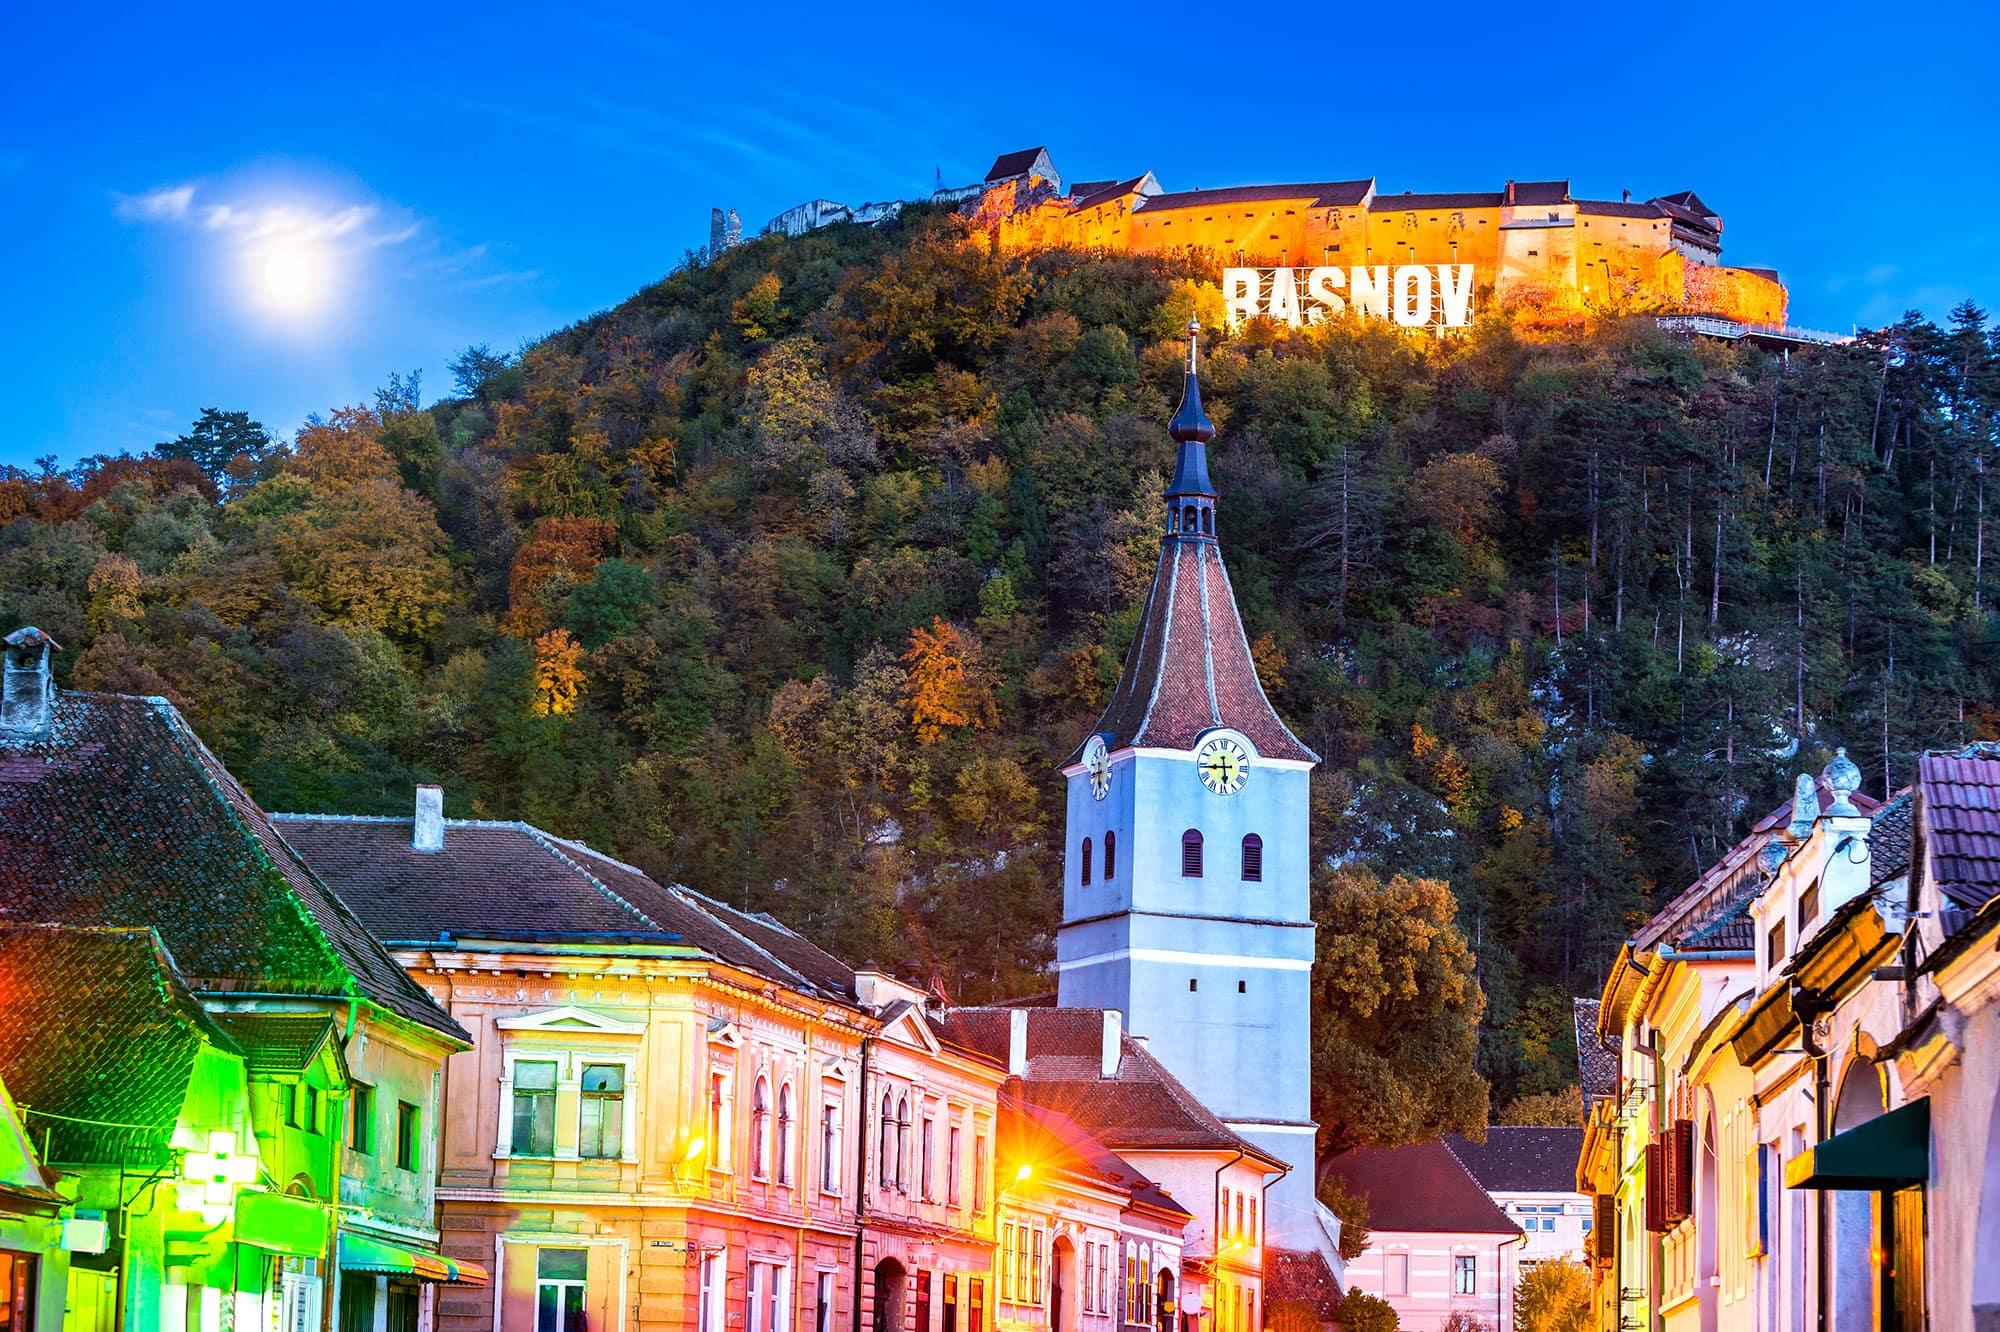 bran-rasnov-brasov-4